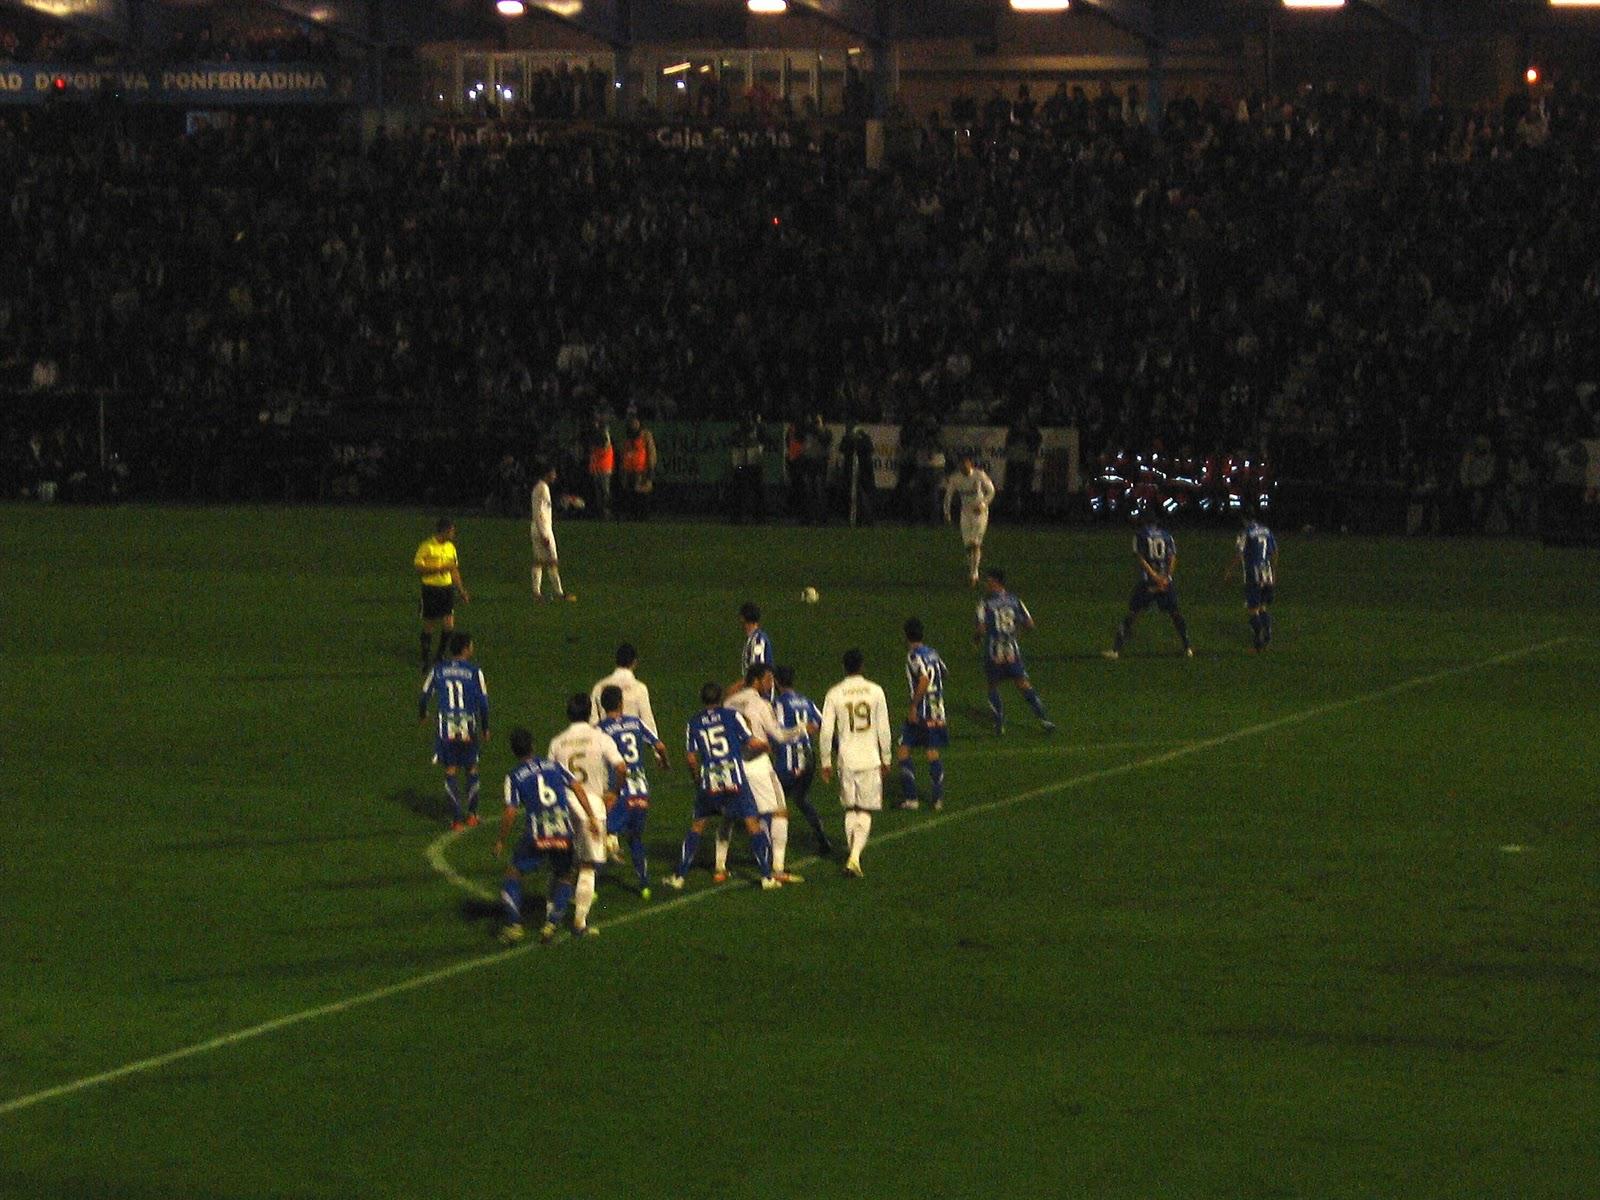 Copa del Rey 1 16 de Final Ponferradina 0-2 Real Madrid 2870dc358ca